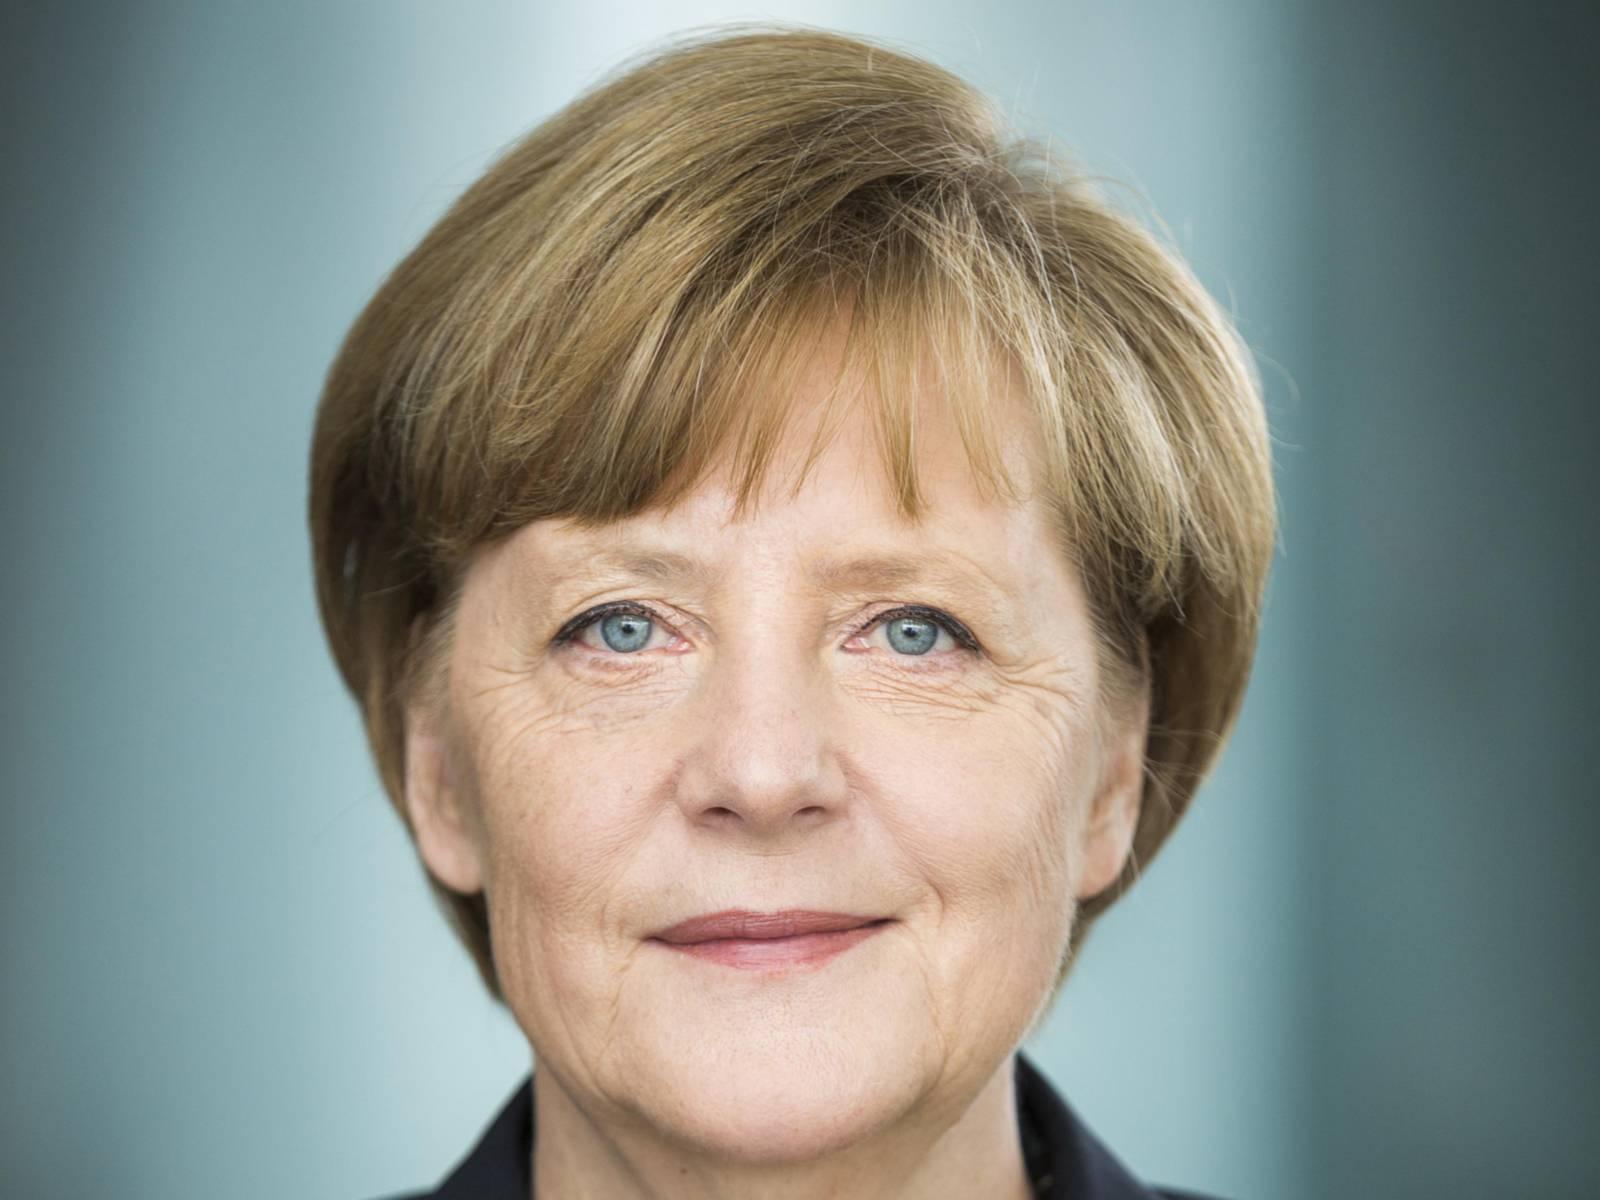 Porträtfoto einer Frau.